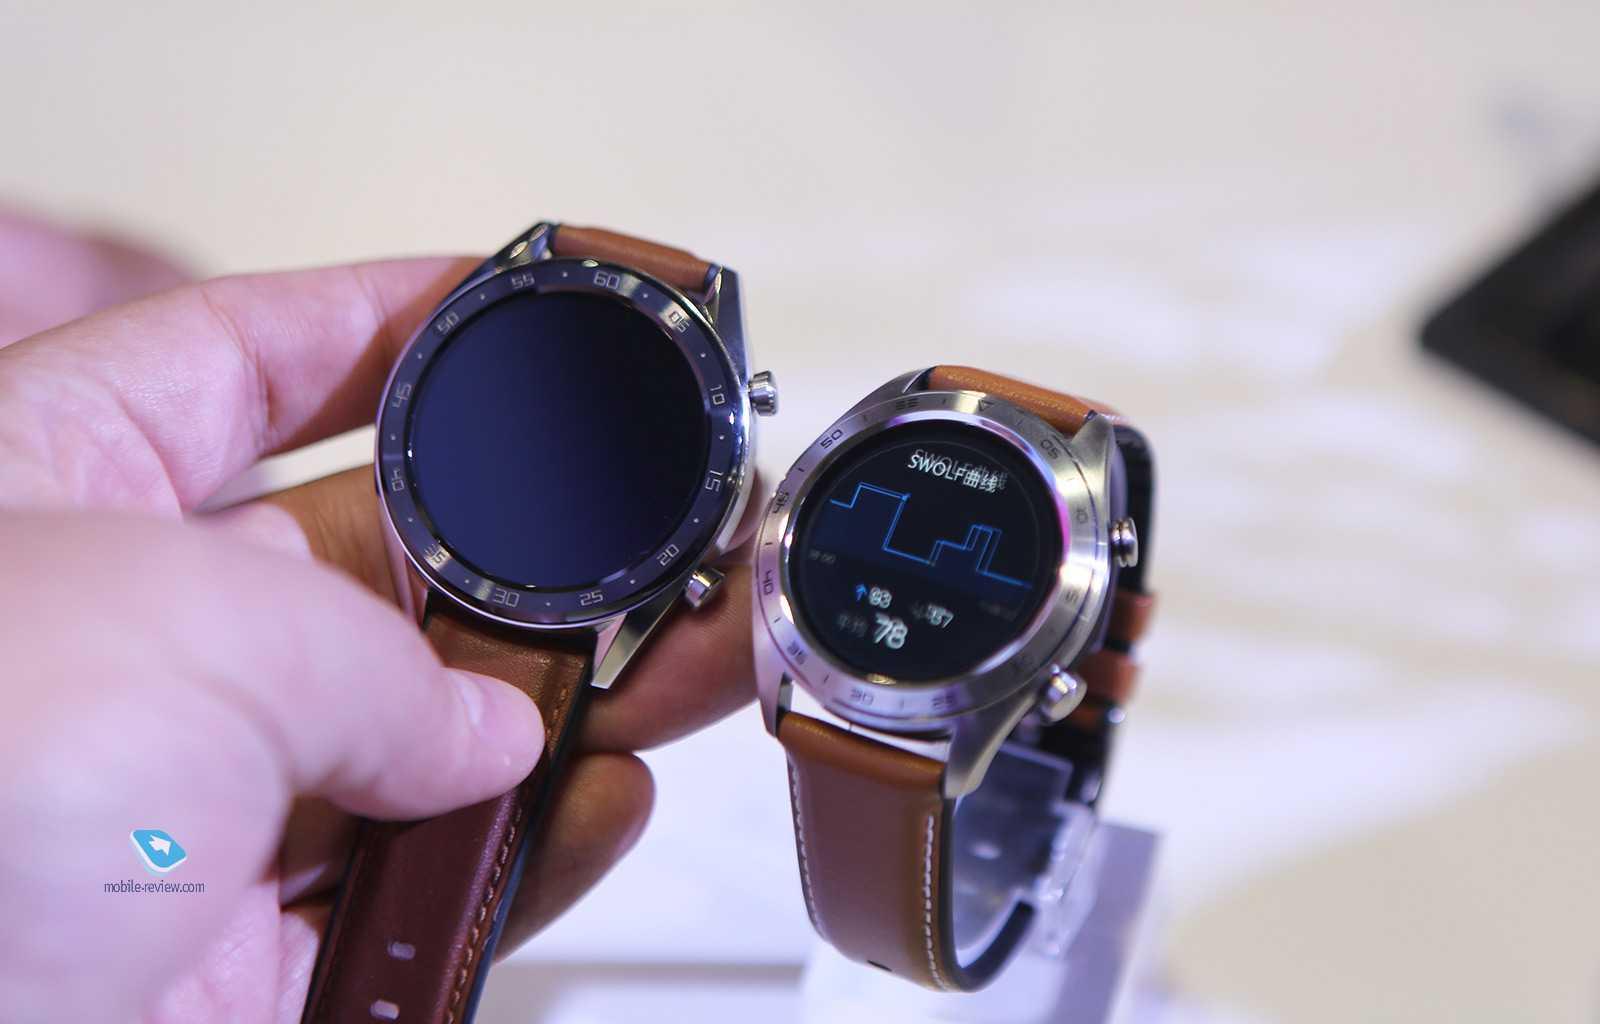 Сопряжение умных часов huawei watch gt 2 / honor magicwatch 2 (46 мм) с телефоном